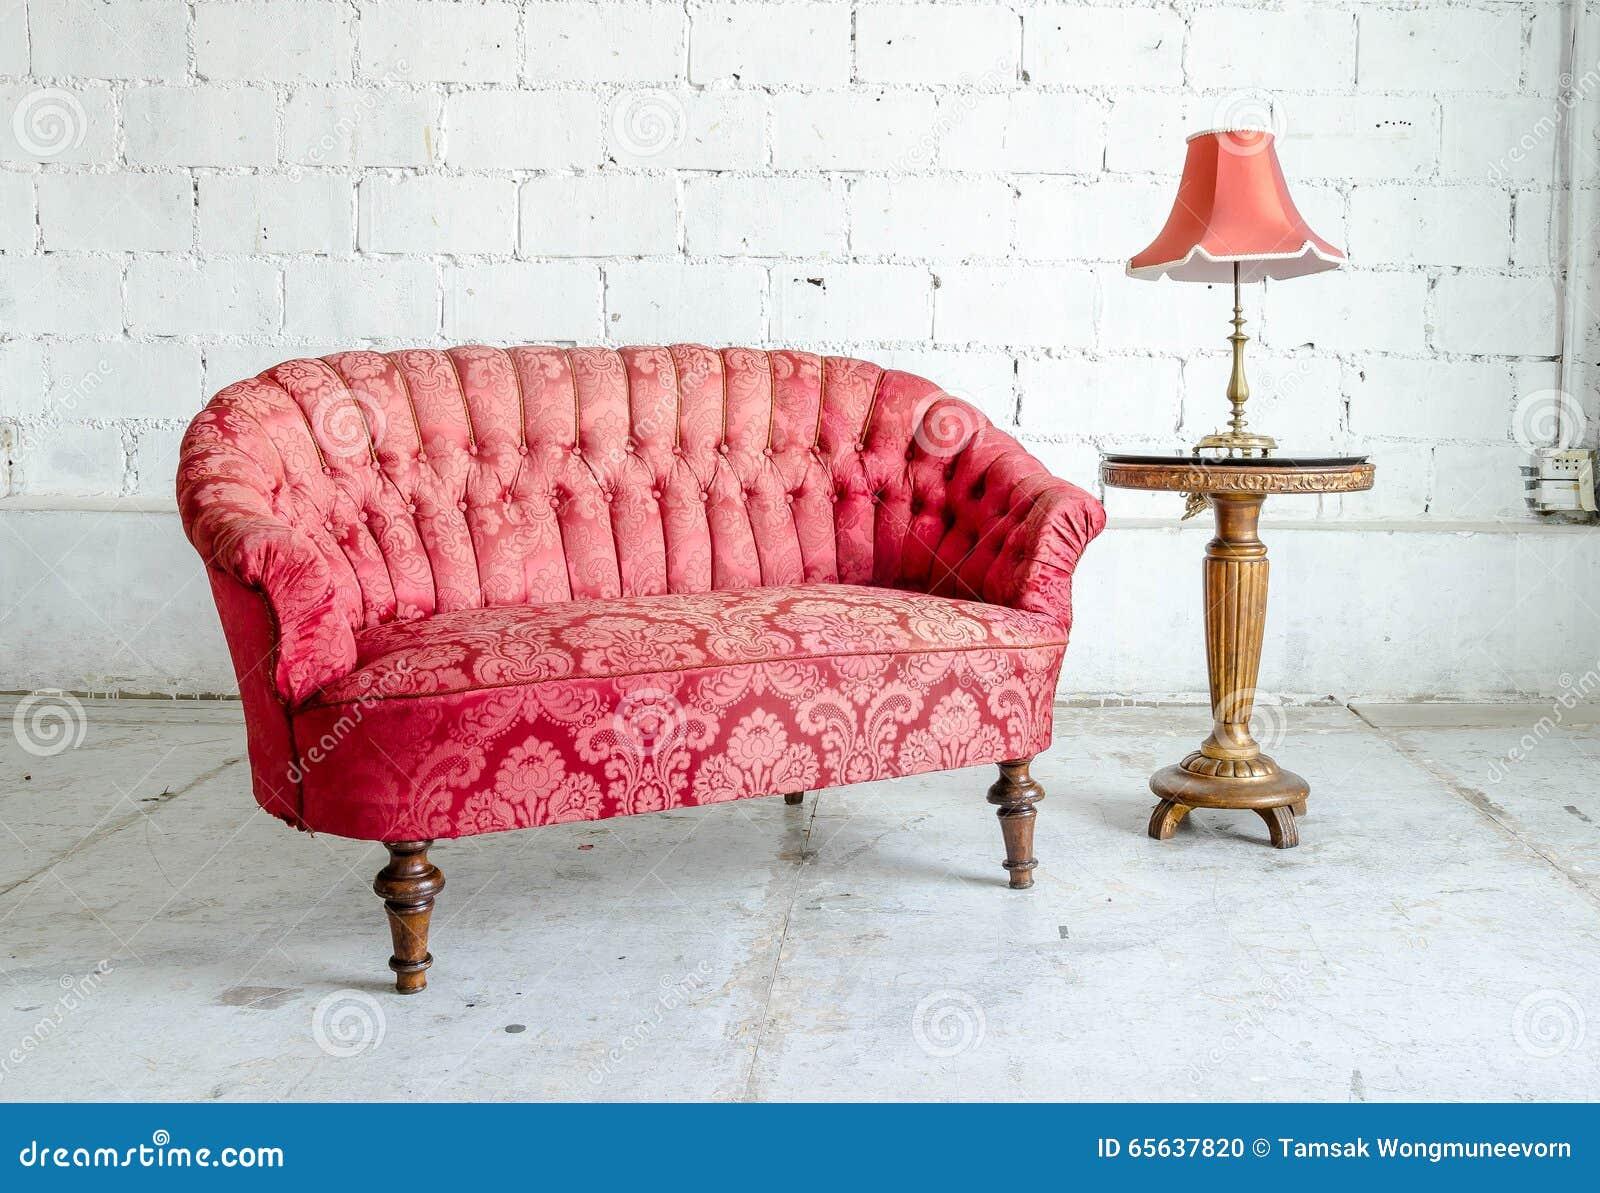 Классическое кресло софы стиля в винтажной комнате